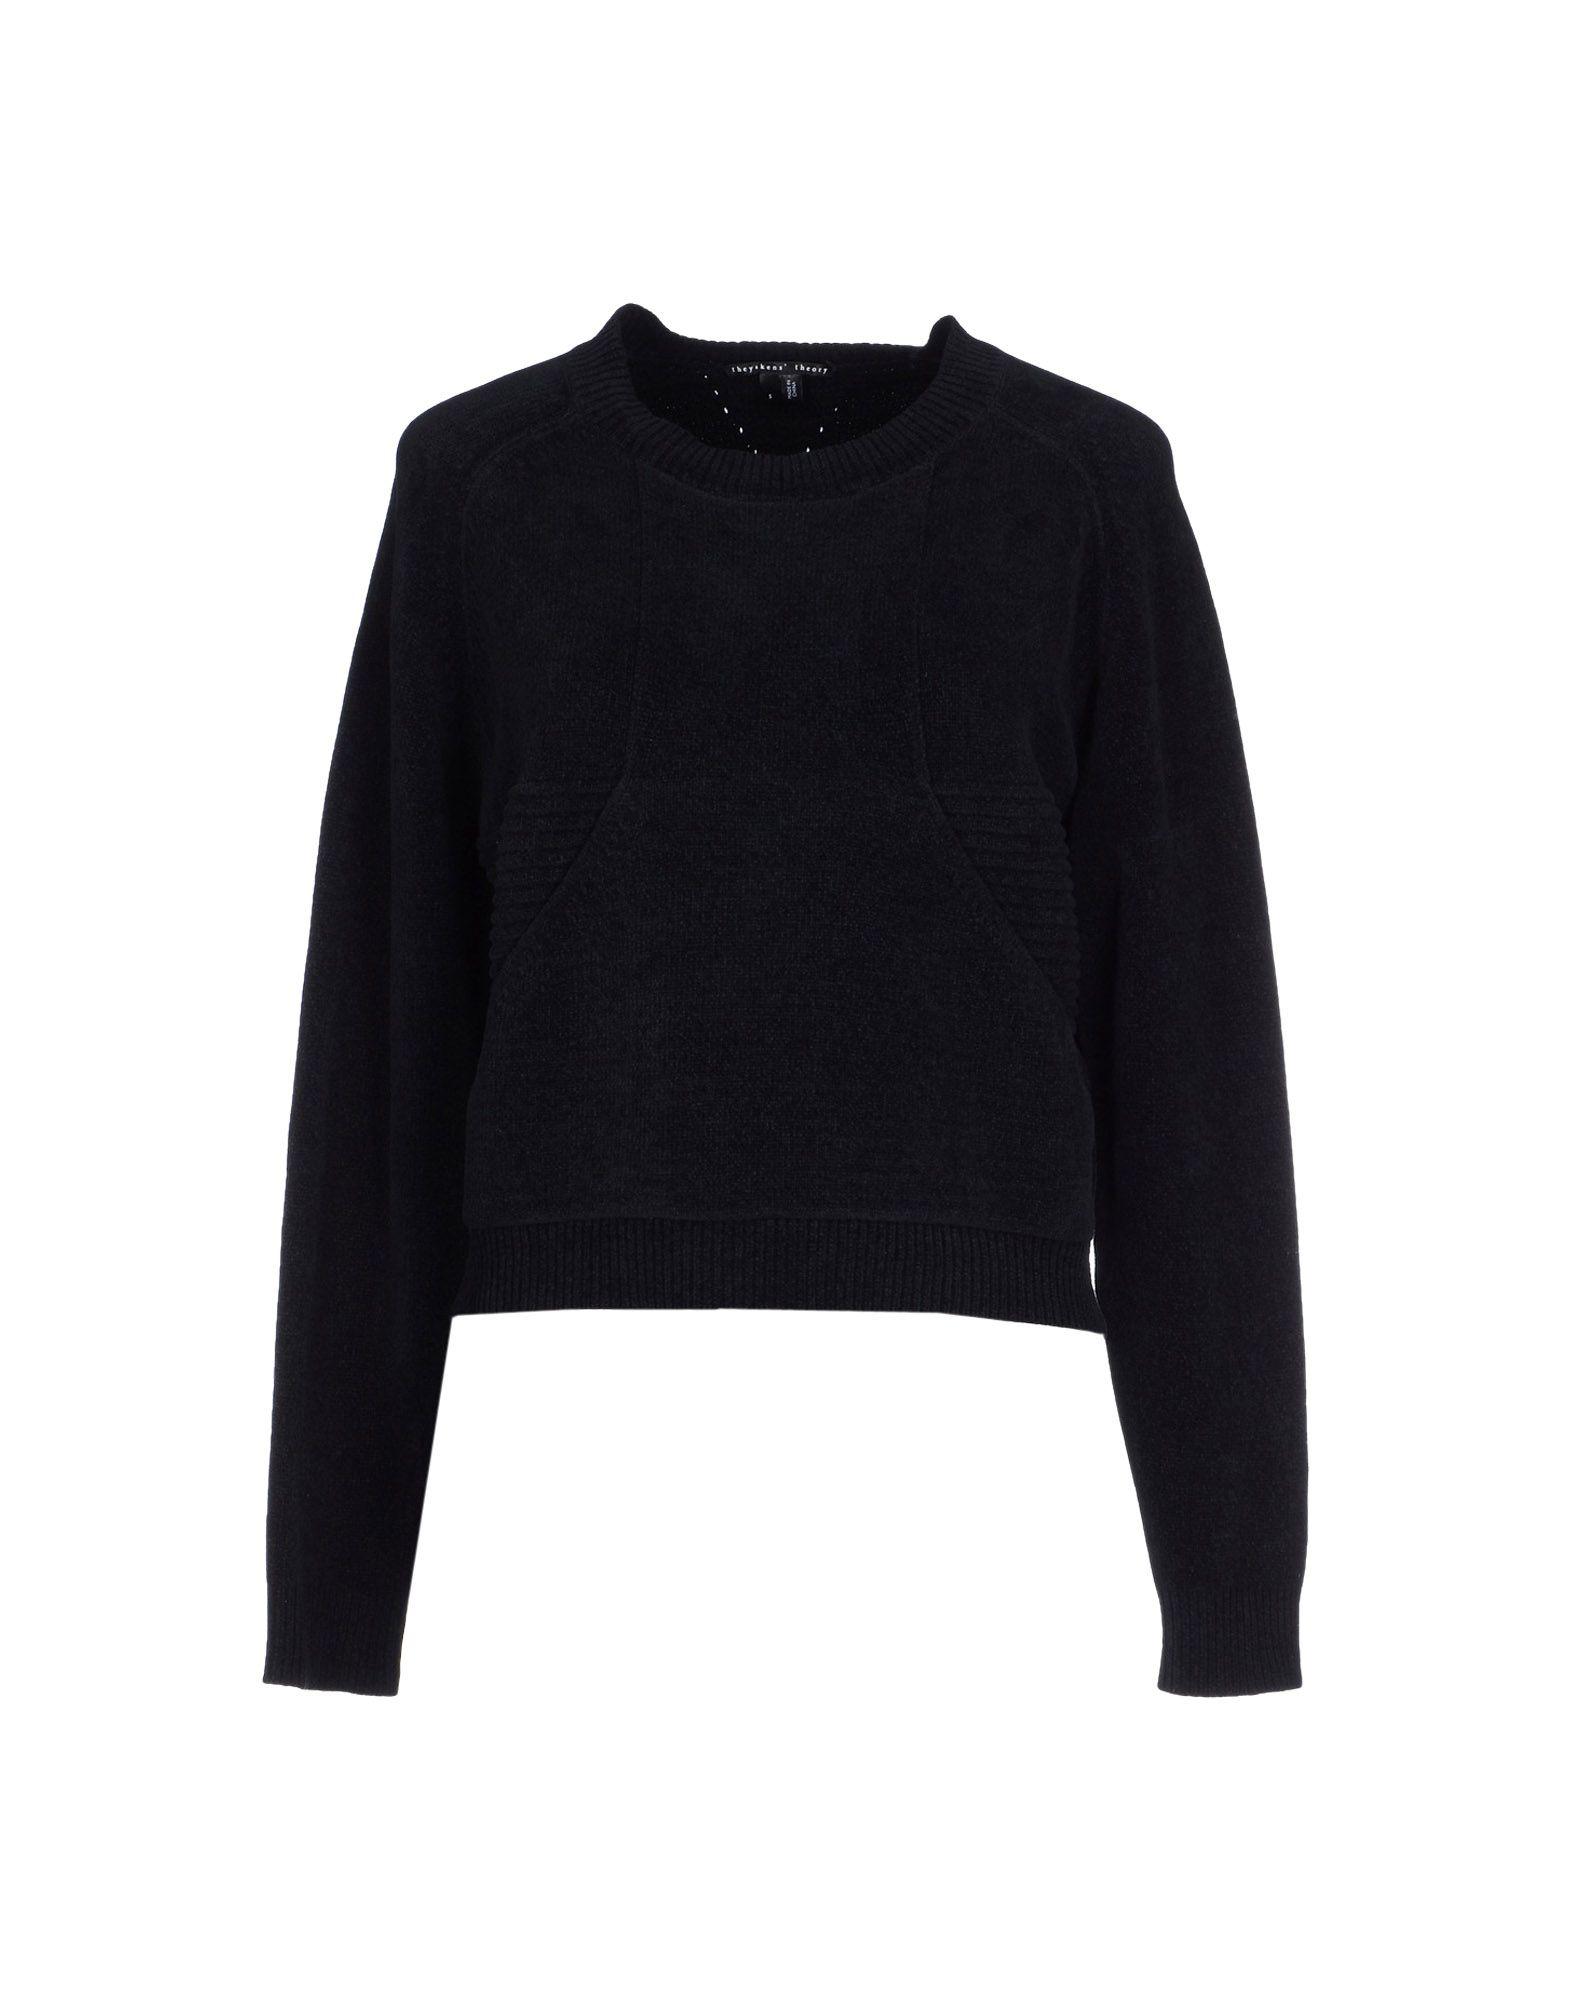 THEYSKENS' THEORY Sweater in Steel Grey